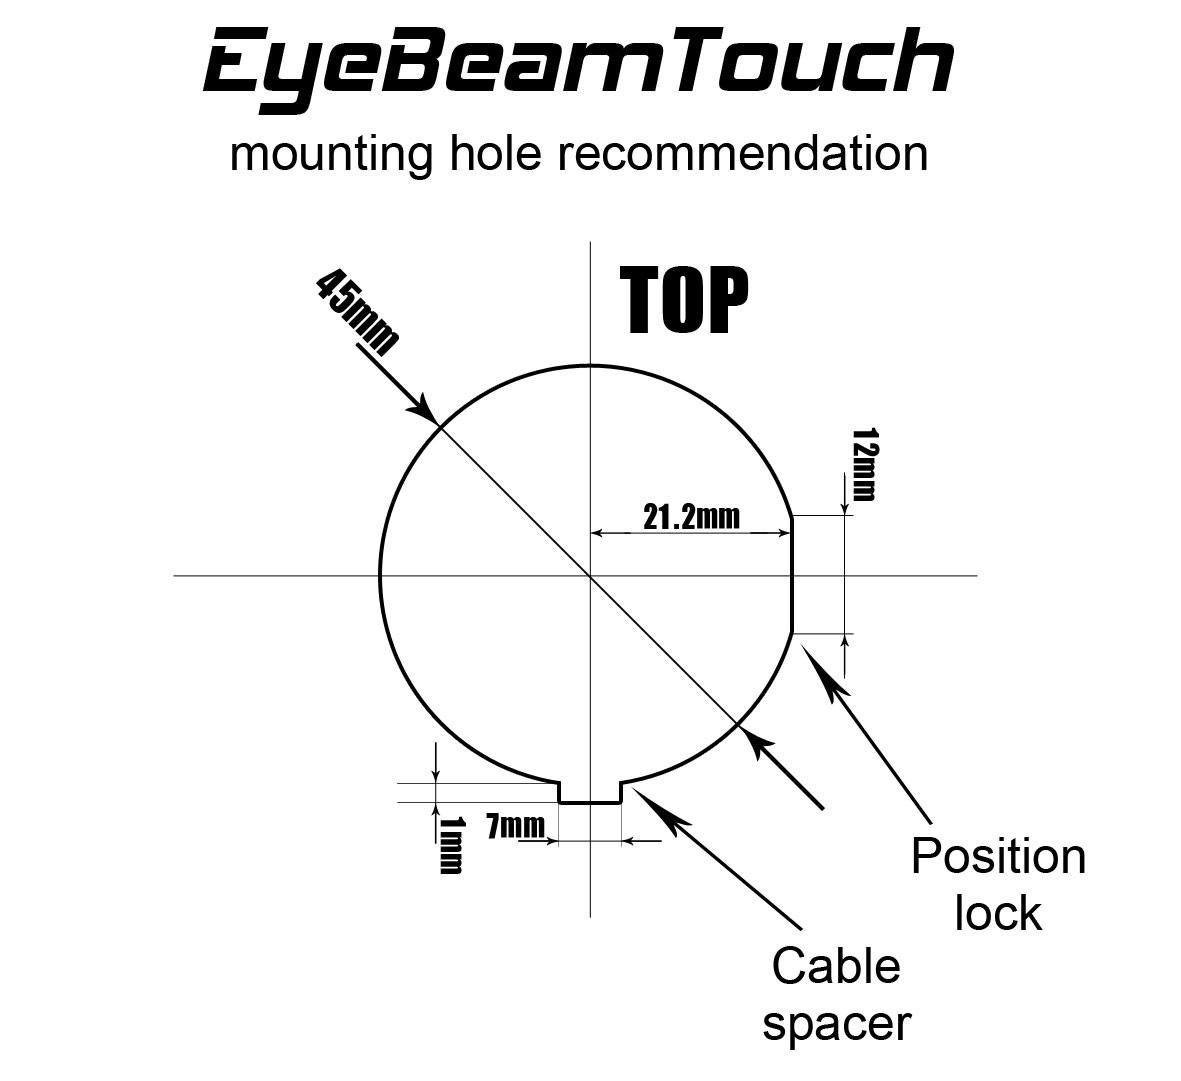 aveo eyebeam touch u2122